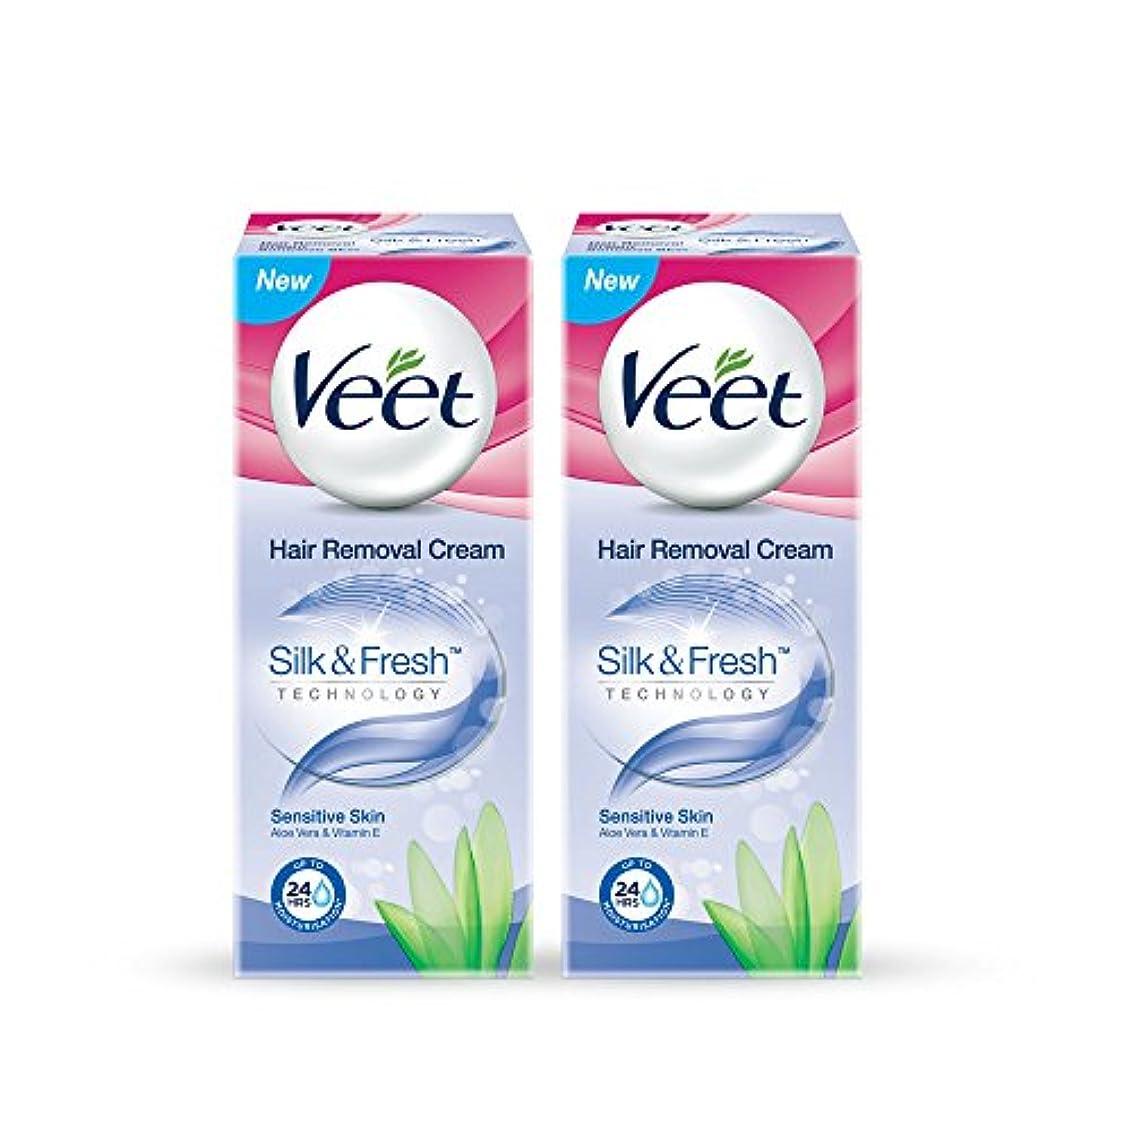 香水海写真を撮るVeet Hair Removal Gel Cream For Sensitive Skin With Aloe Vera and Vitamin E 25 g (Pack of 2)